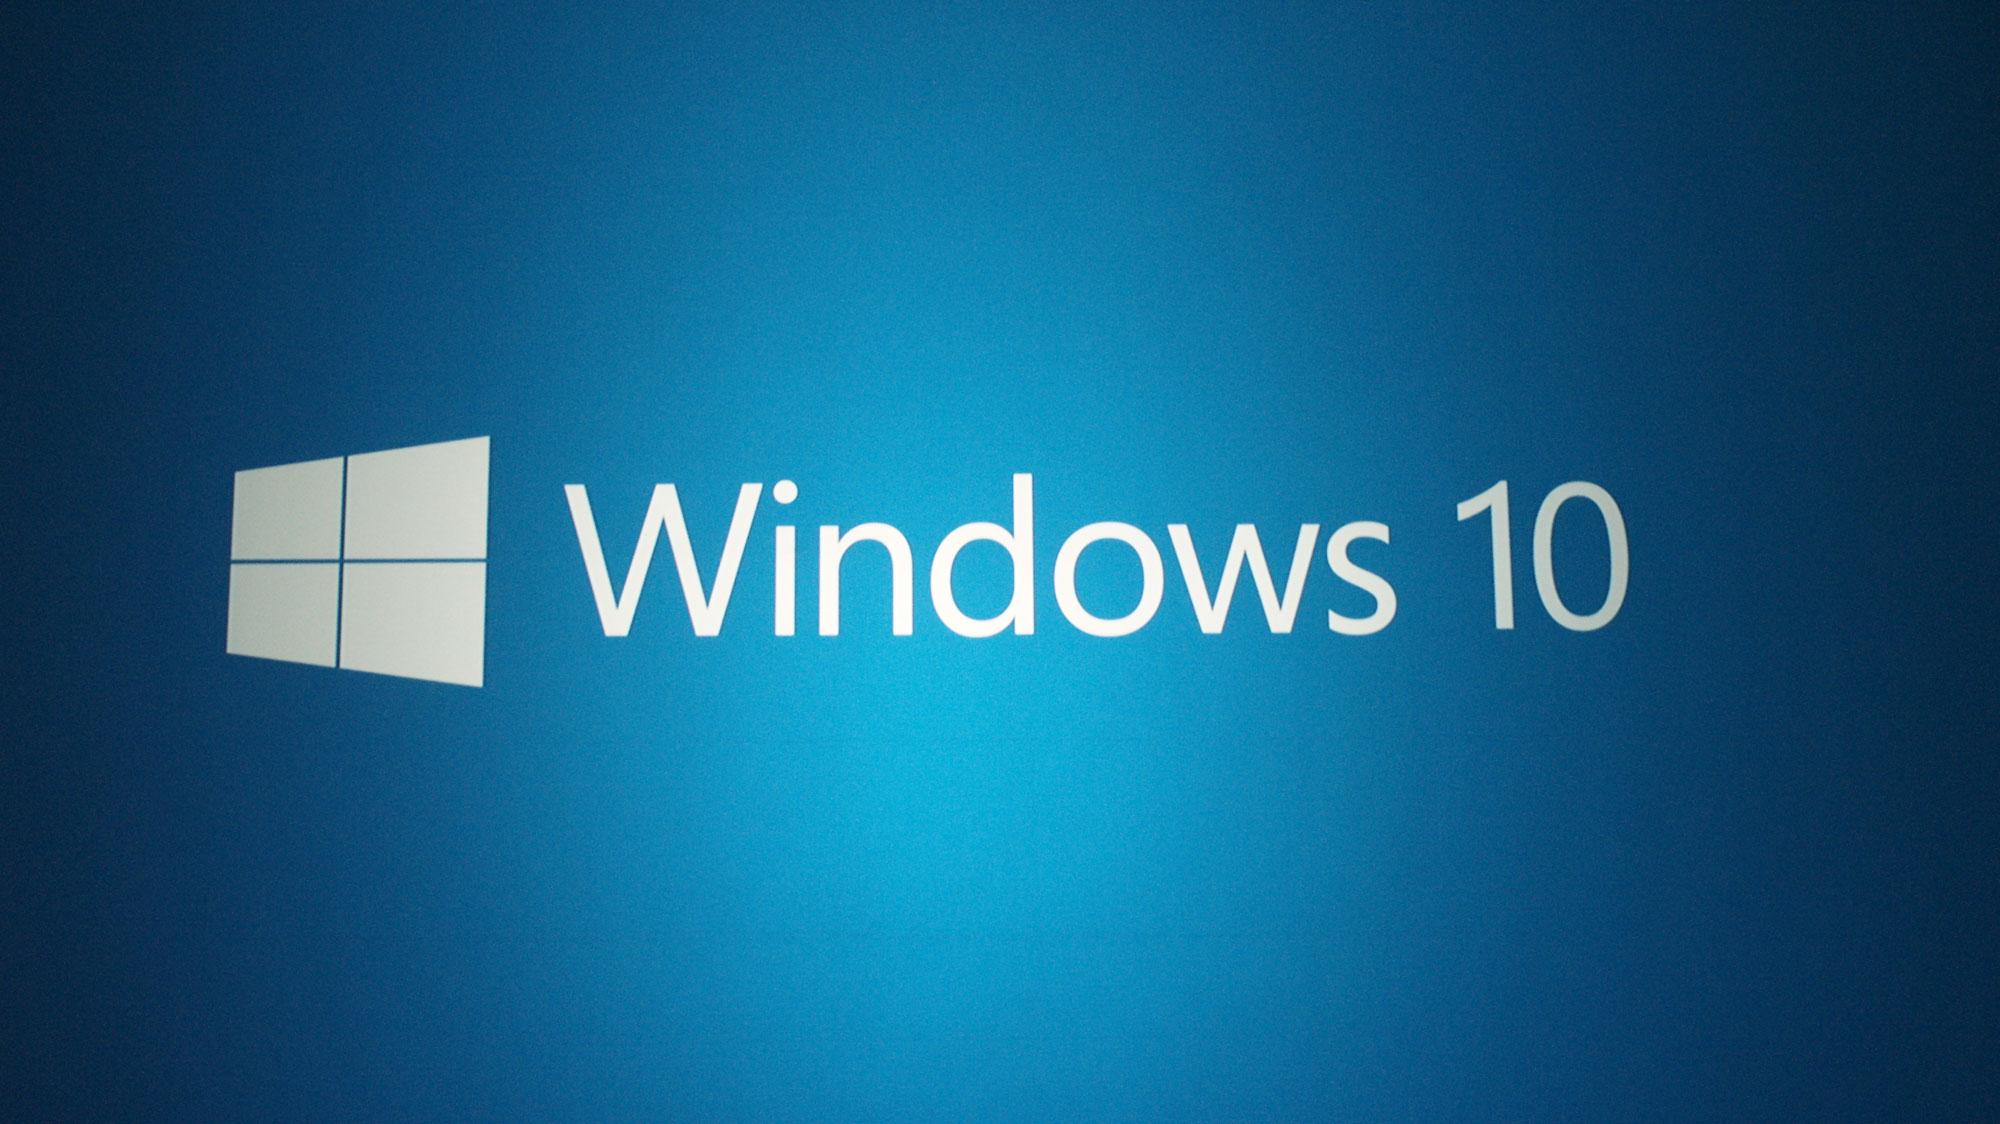 Microsoft Windows 10, un sistema operativo NUOVO